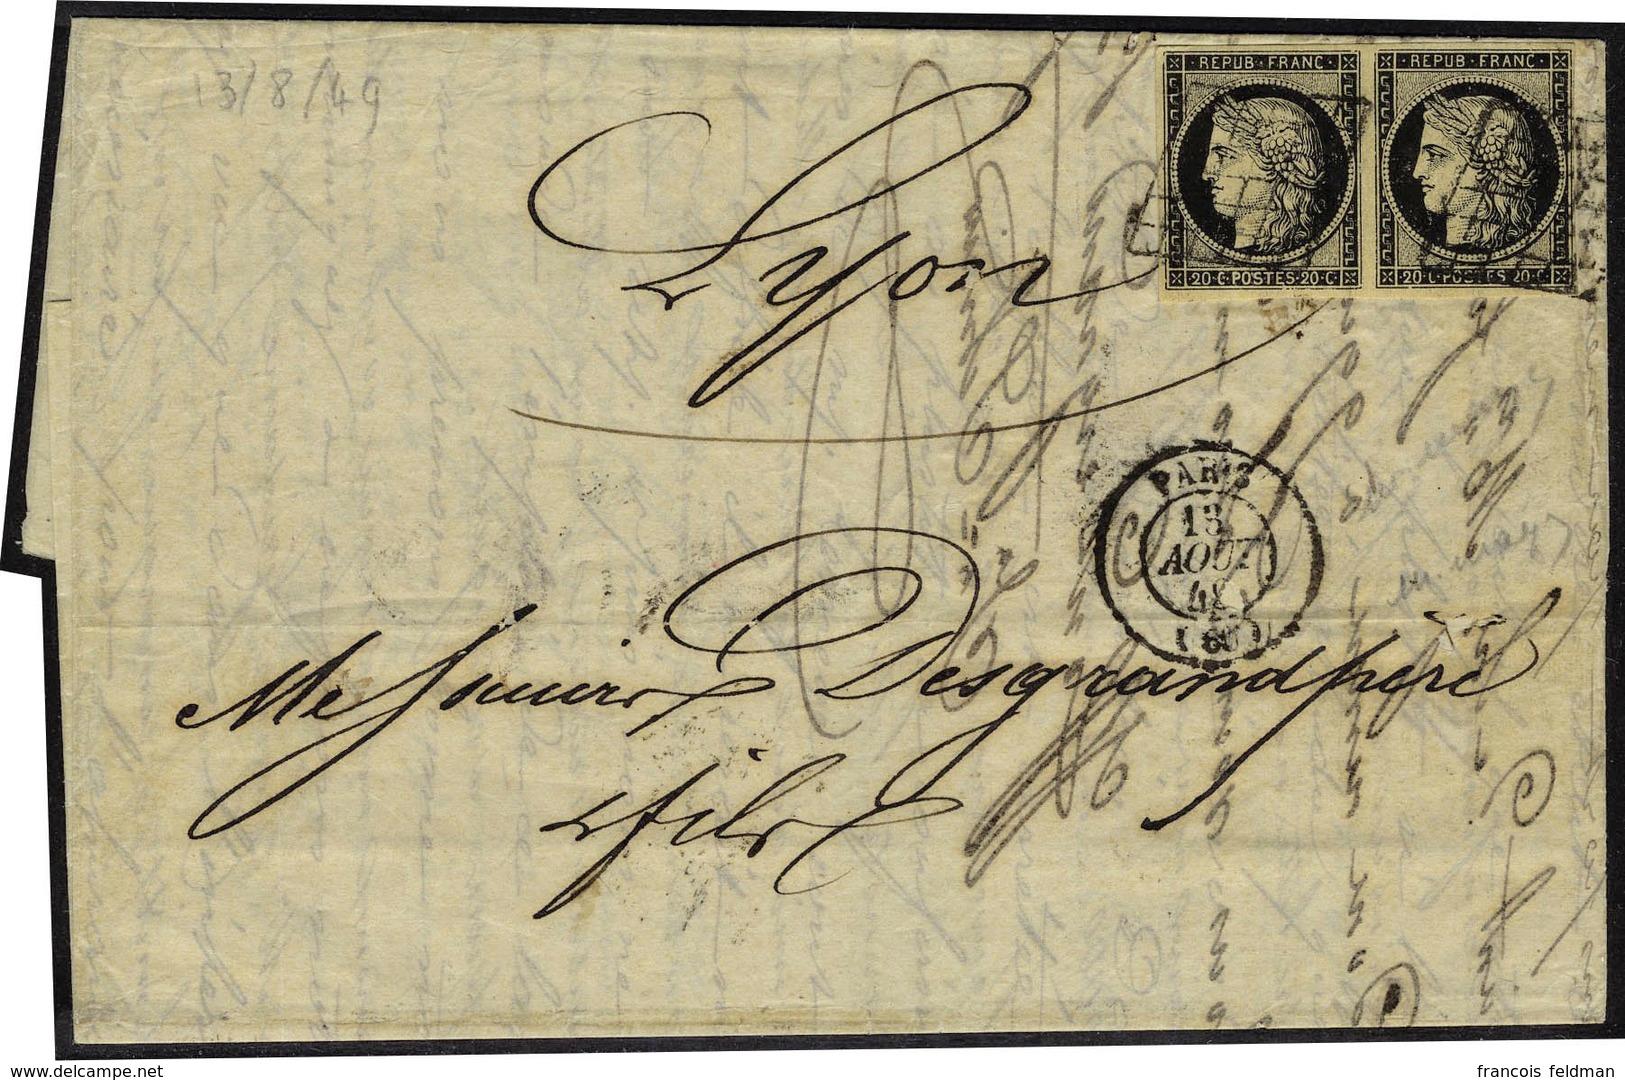 Lettre N° 3, 20c Noir Sur Jaune, Paire Hor. Sur L. Grille + Càd Paris 13 Août 49, Pour Lyon Arrivée 15 Août 49, T.B. - Stamps